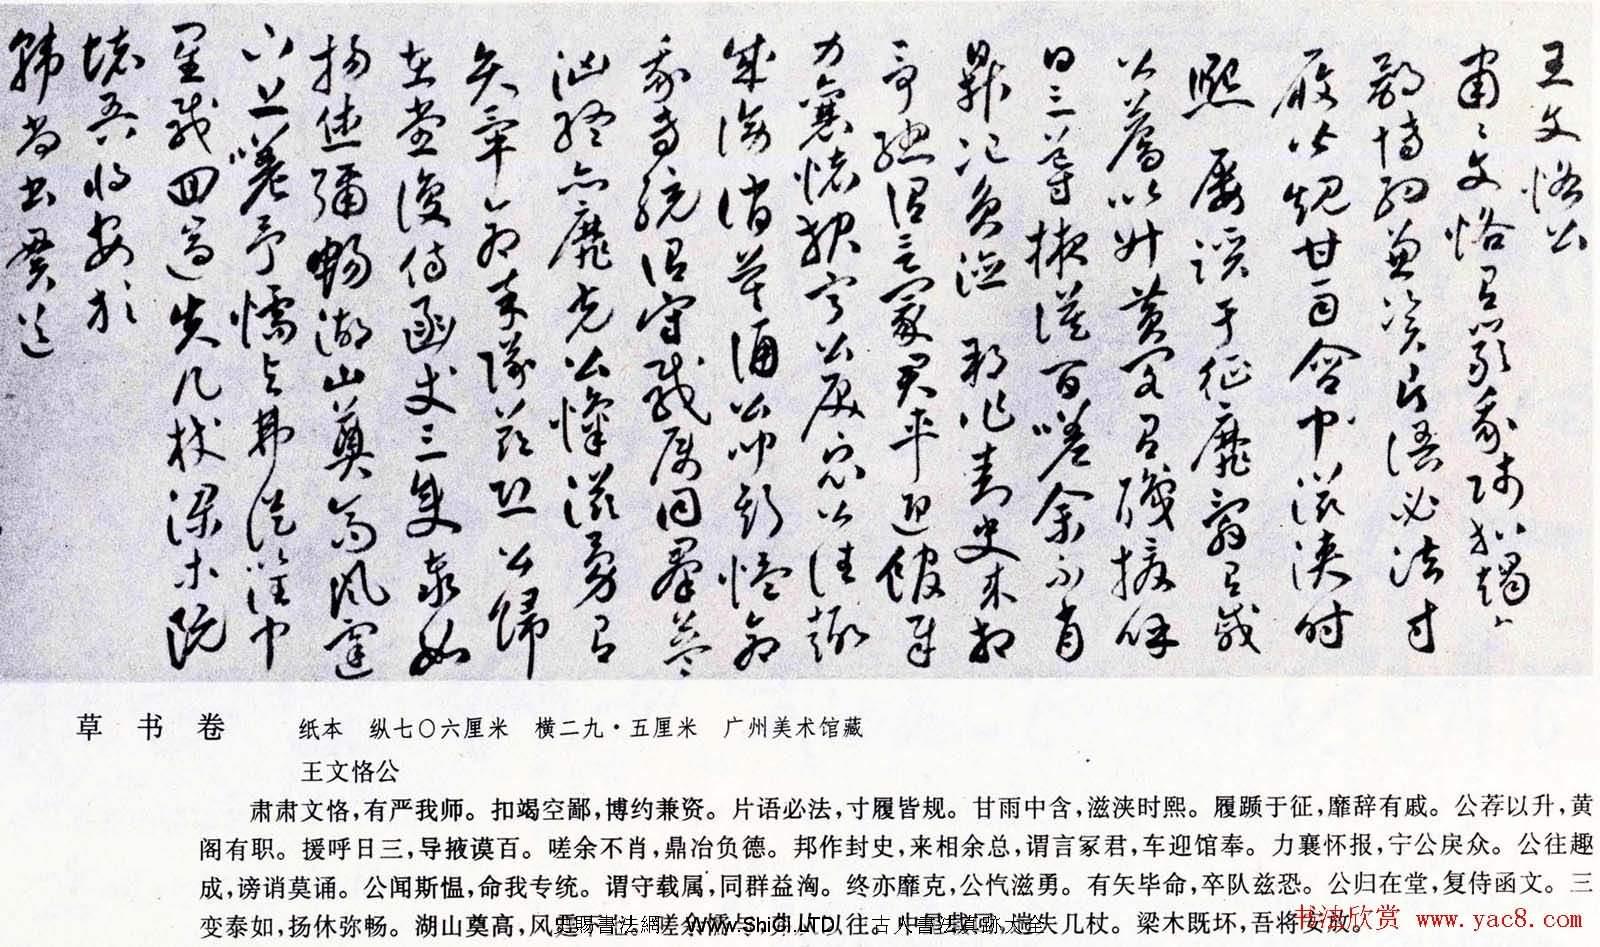 祝允明草書作品真跡欣賞王文恪公卷(共10張圖片)